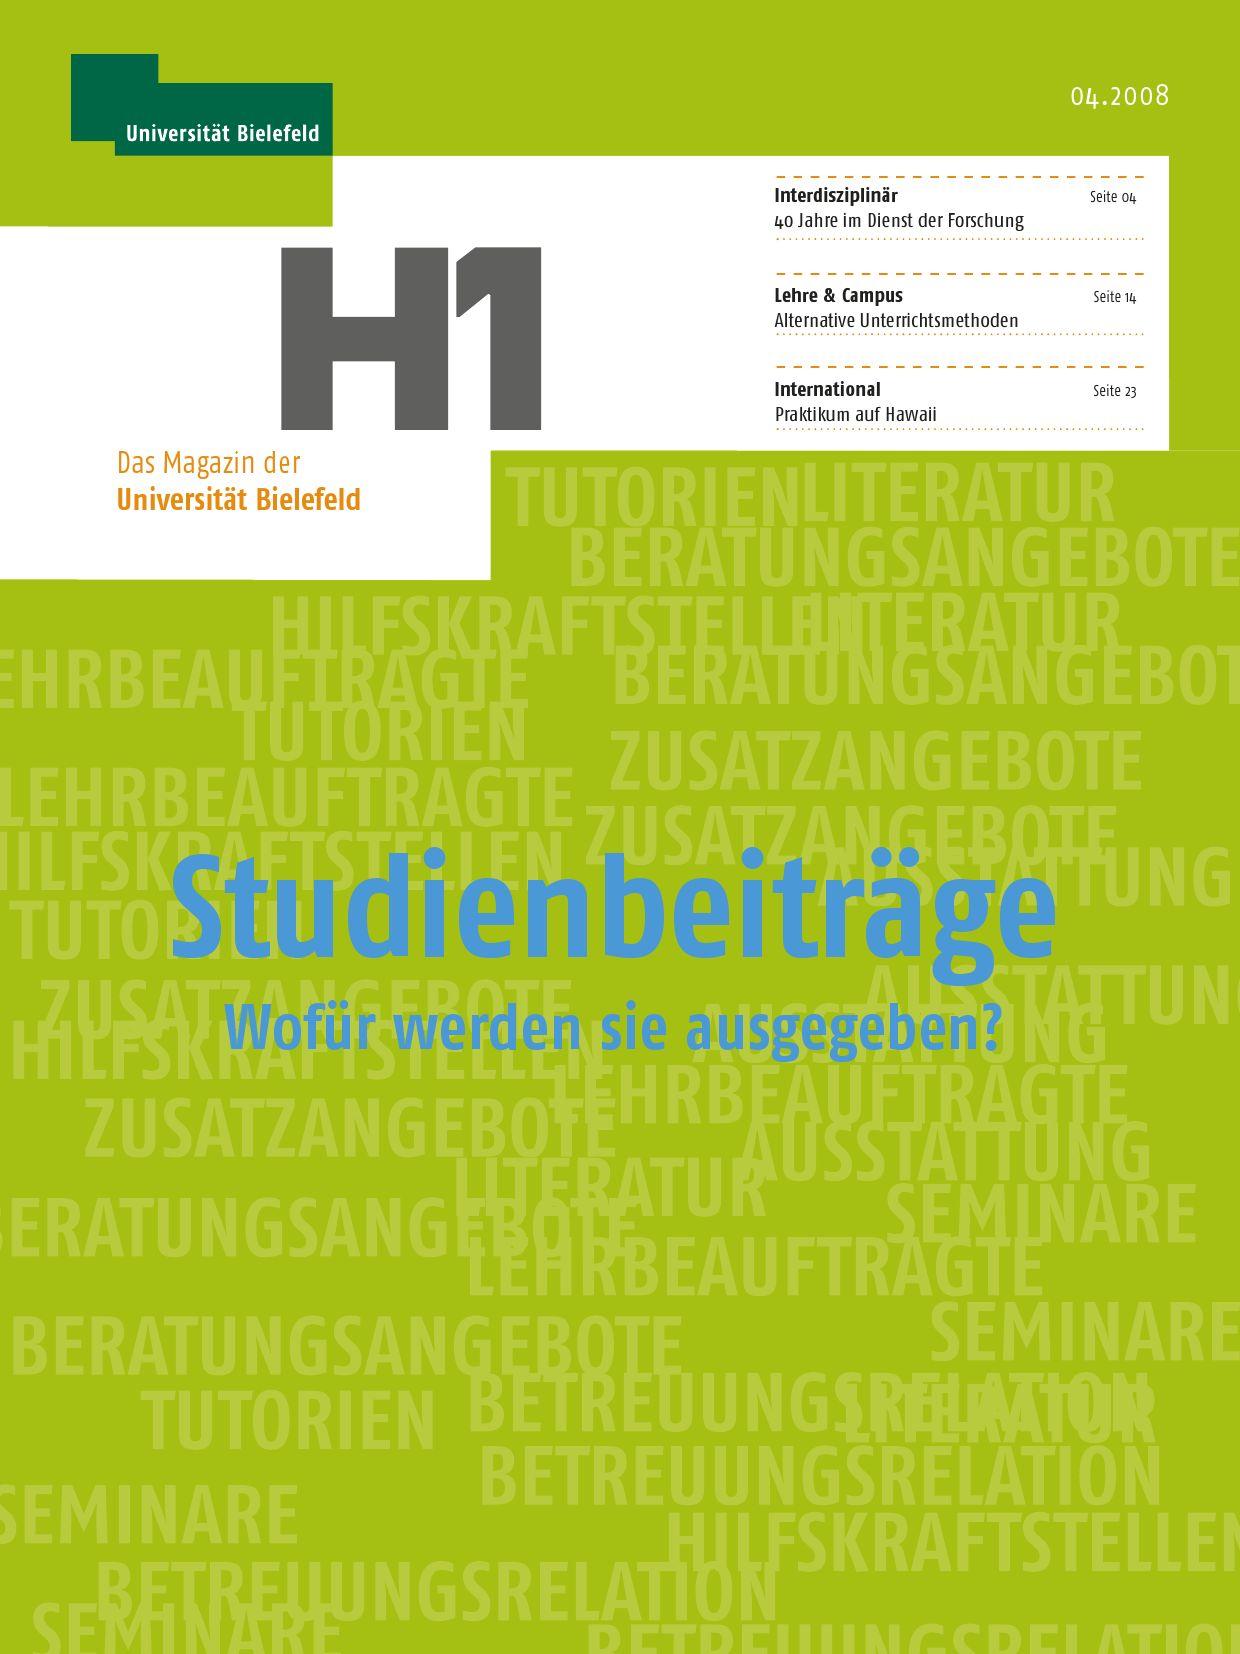 H1 Magazin der Universität Bielefeld by Markus Paulussen - issuu